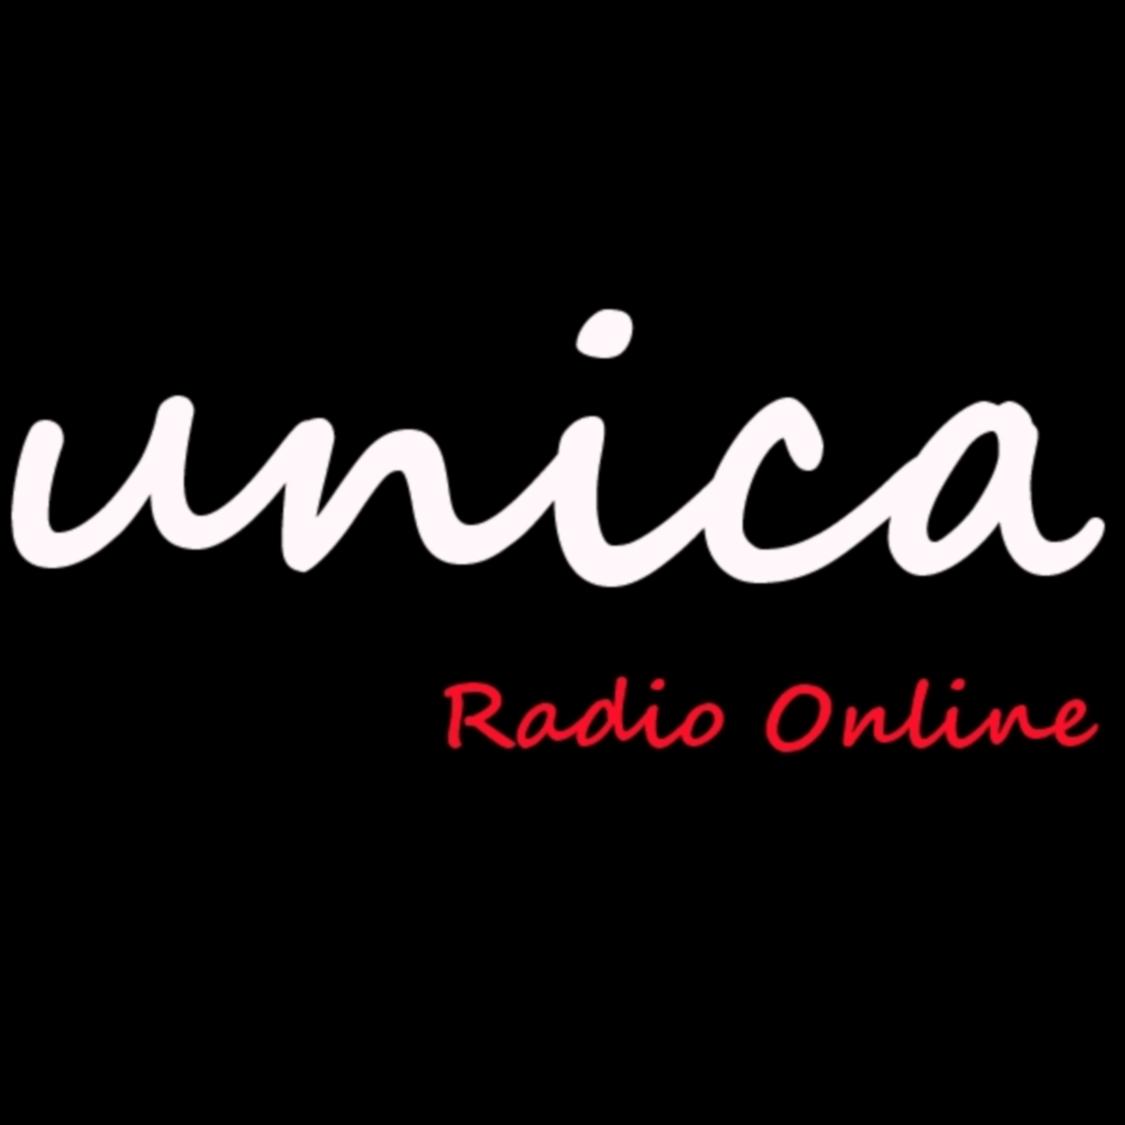 UnicaRadio